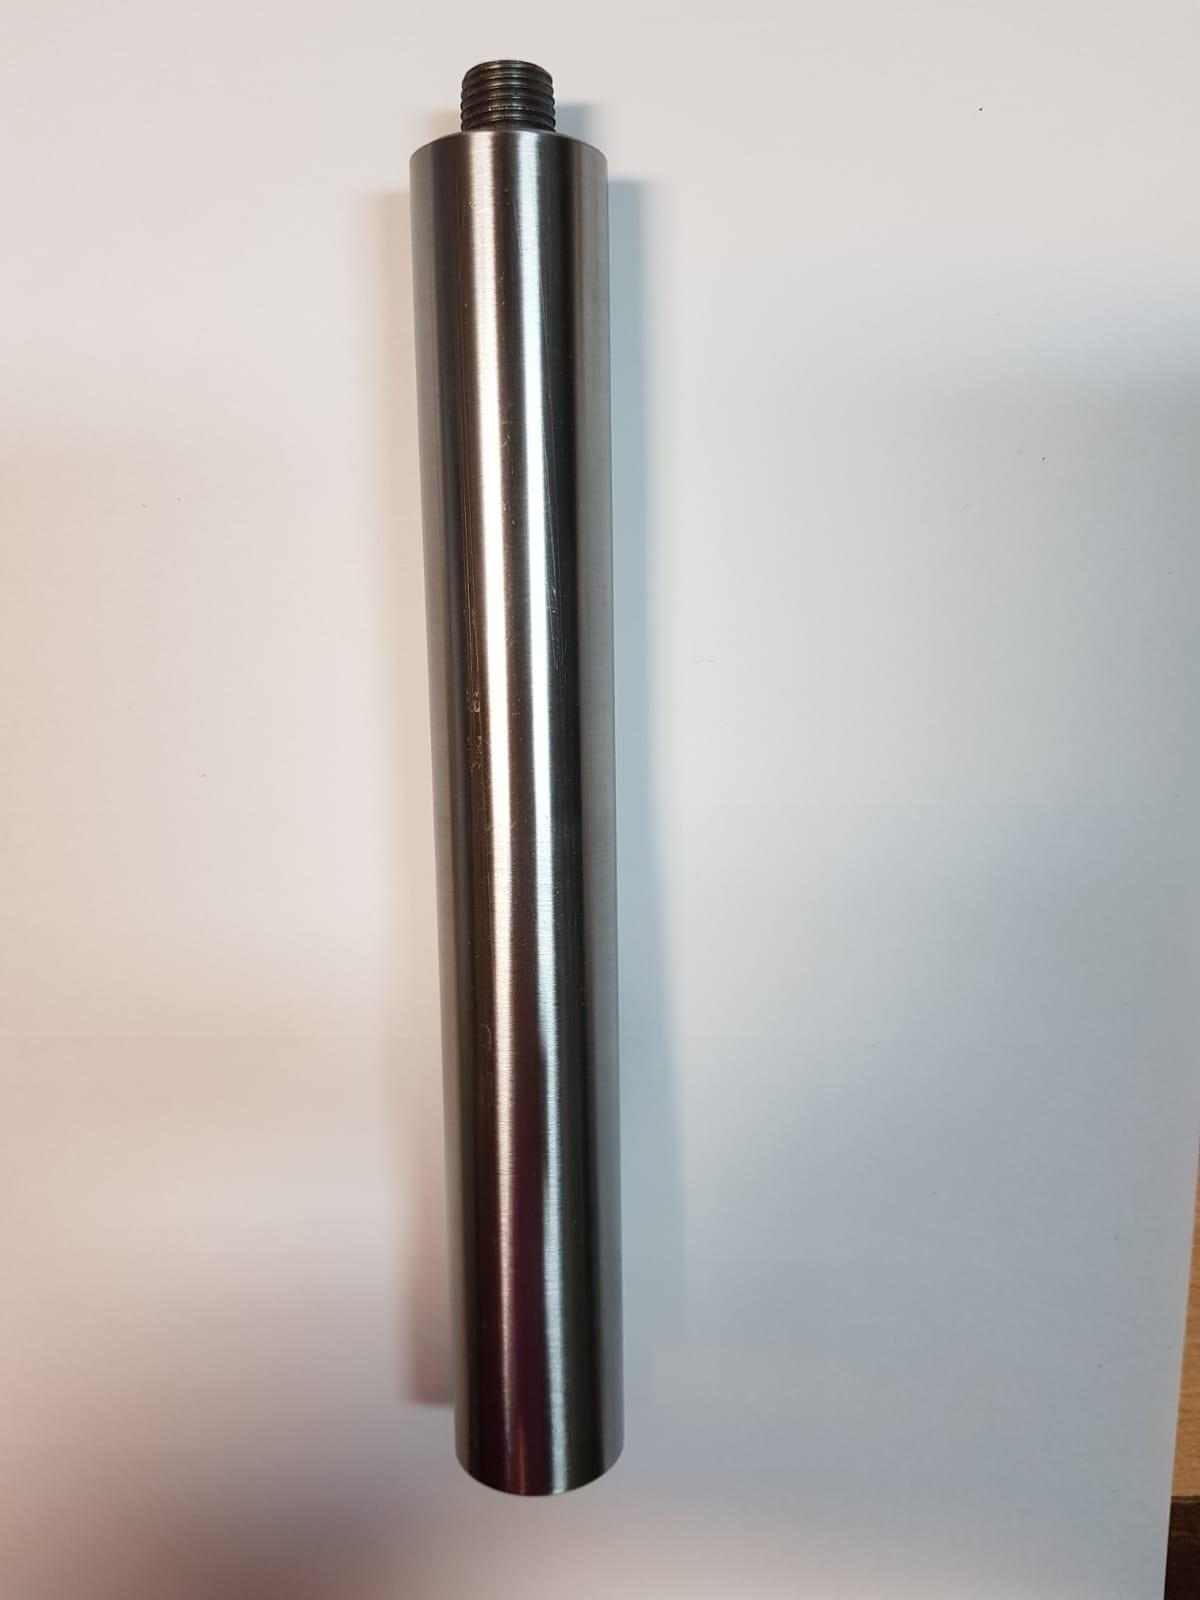 קנה ארוך 25 ממ לתומך סכין למחרטת עץ